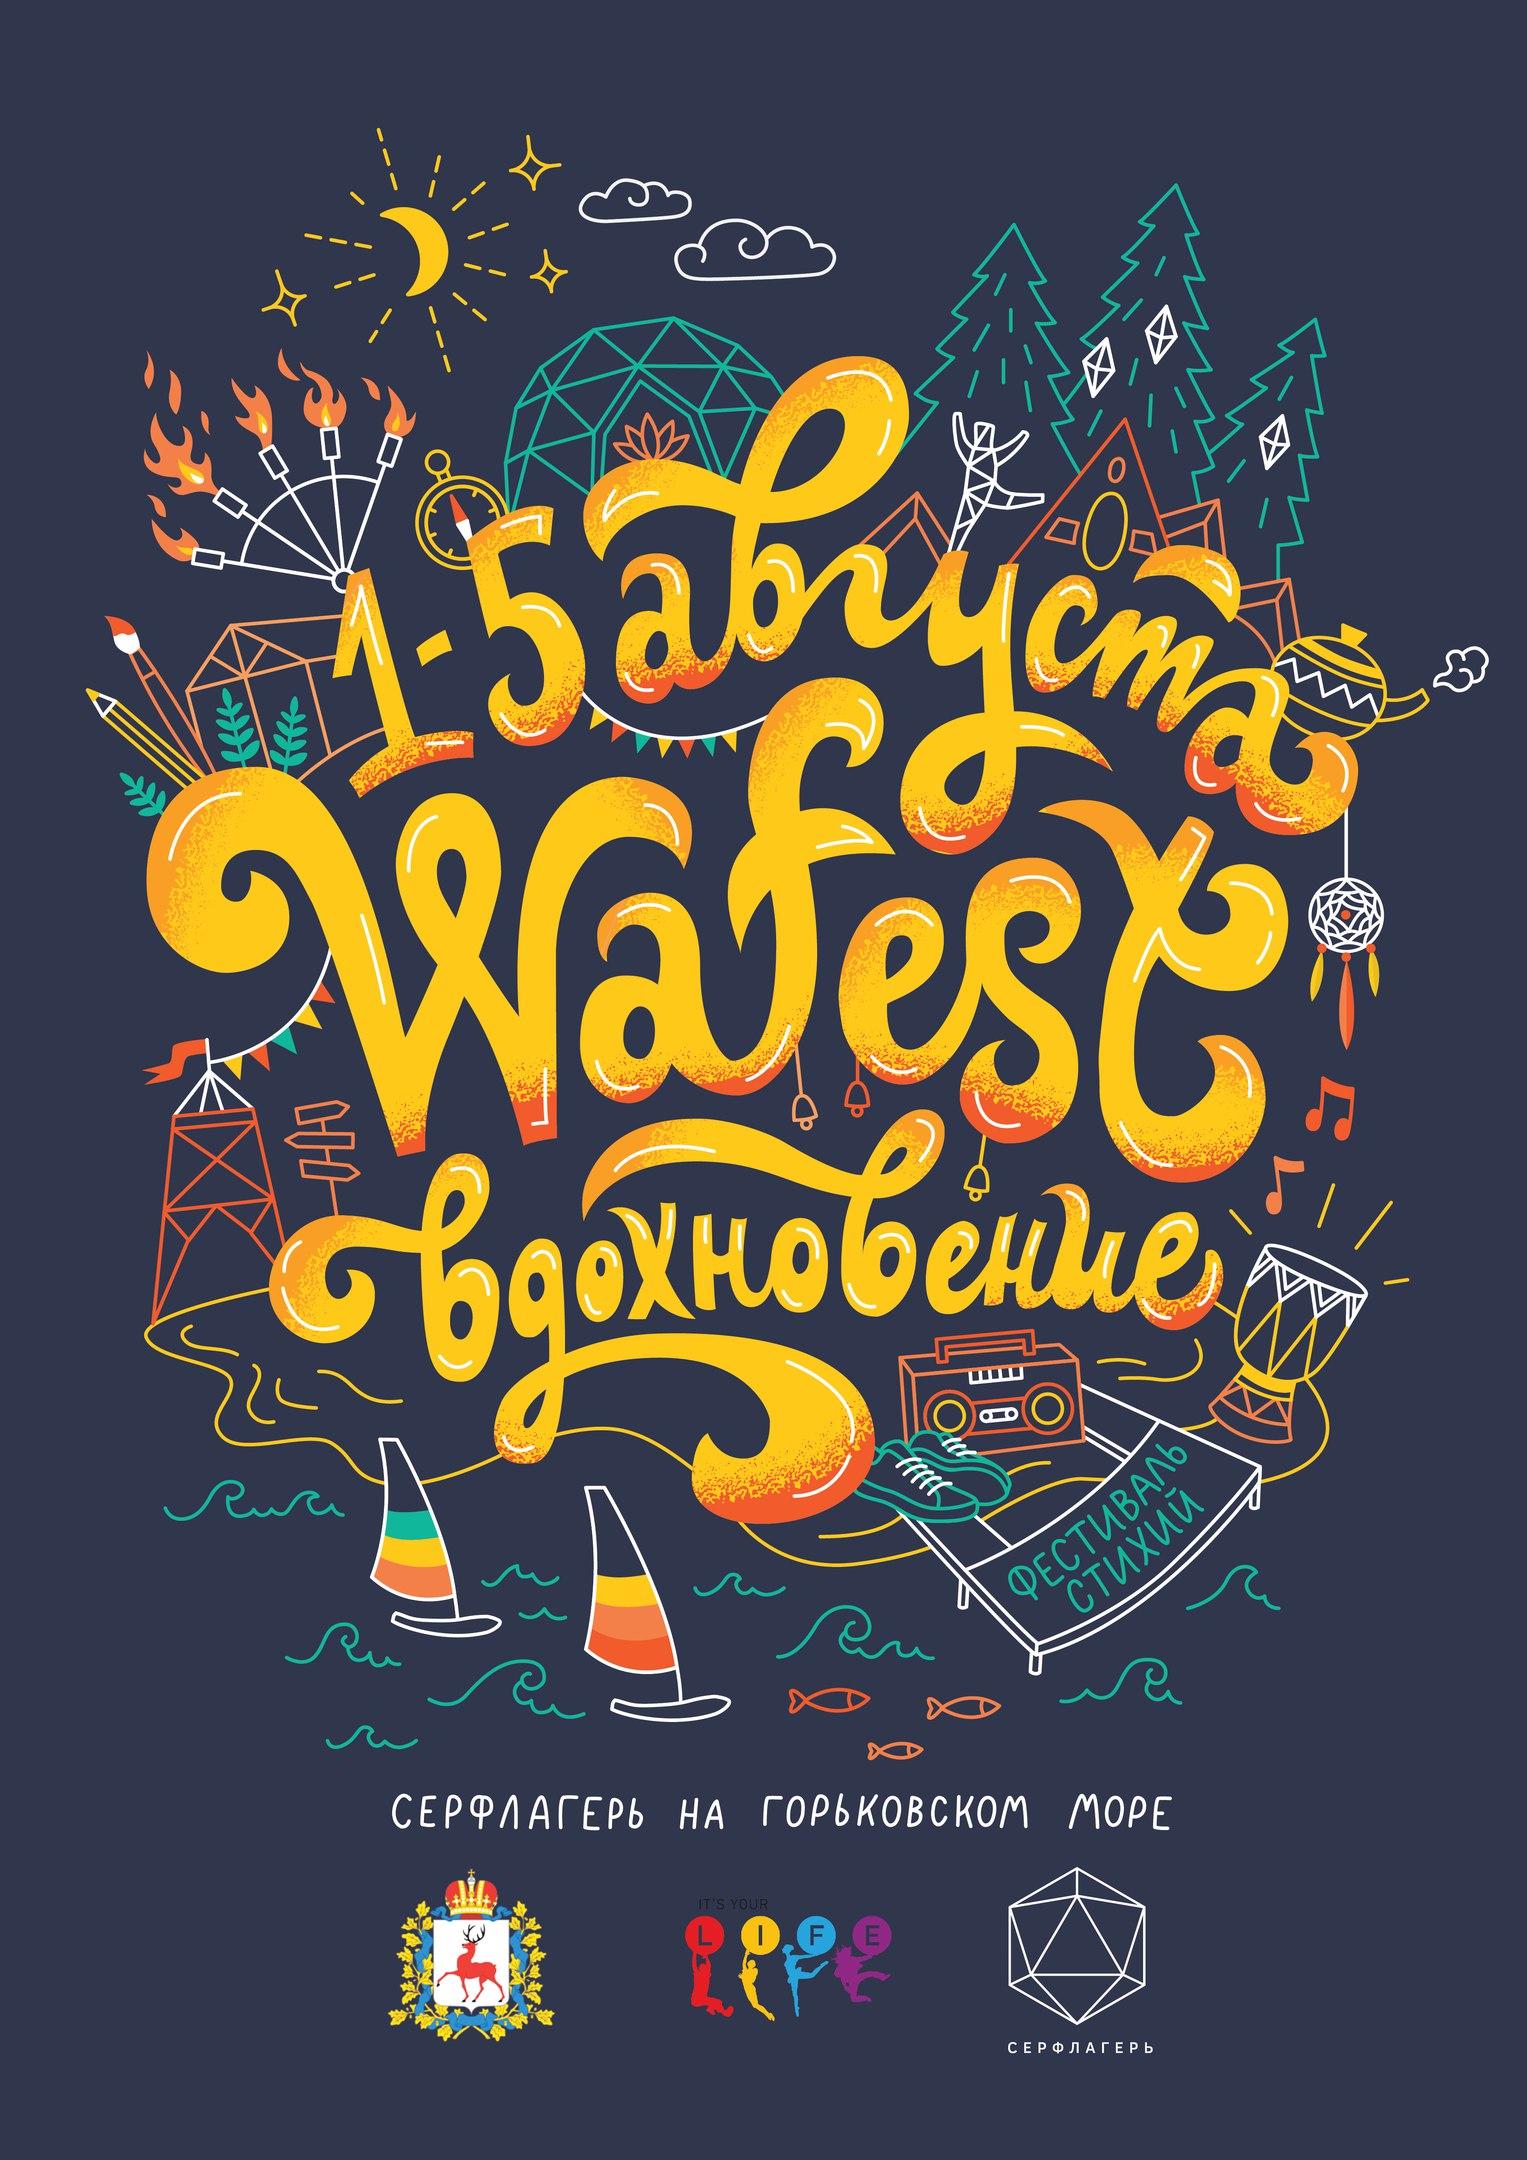 Тематика VII фестиваля стихий WAFEst - Вдохновение